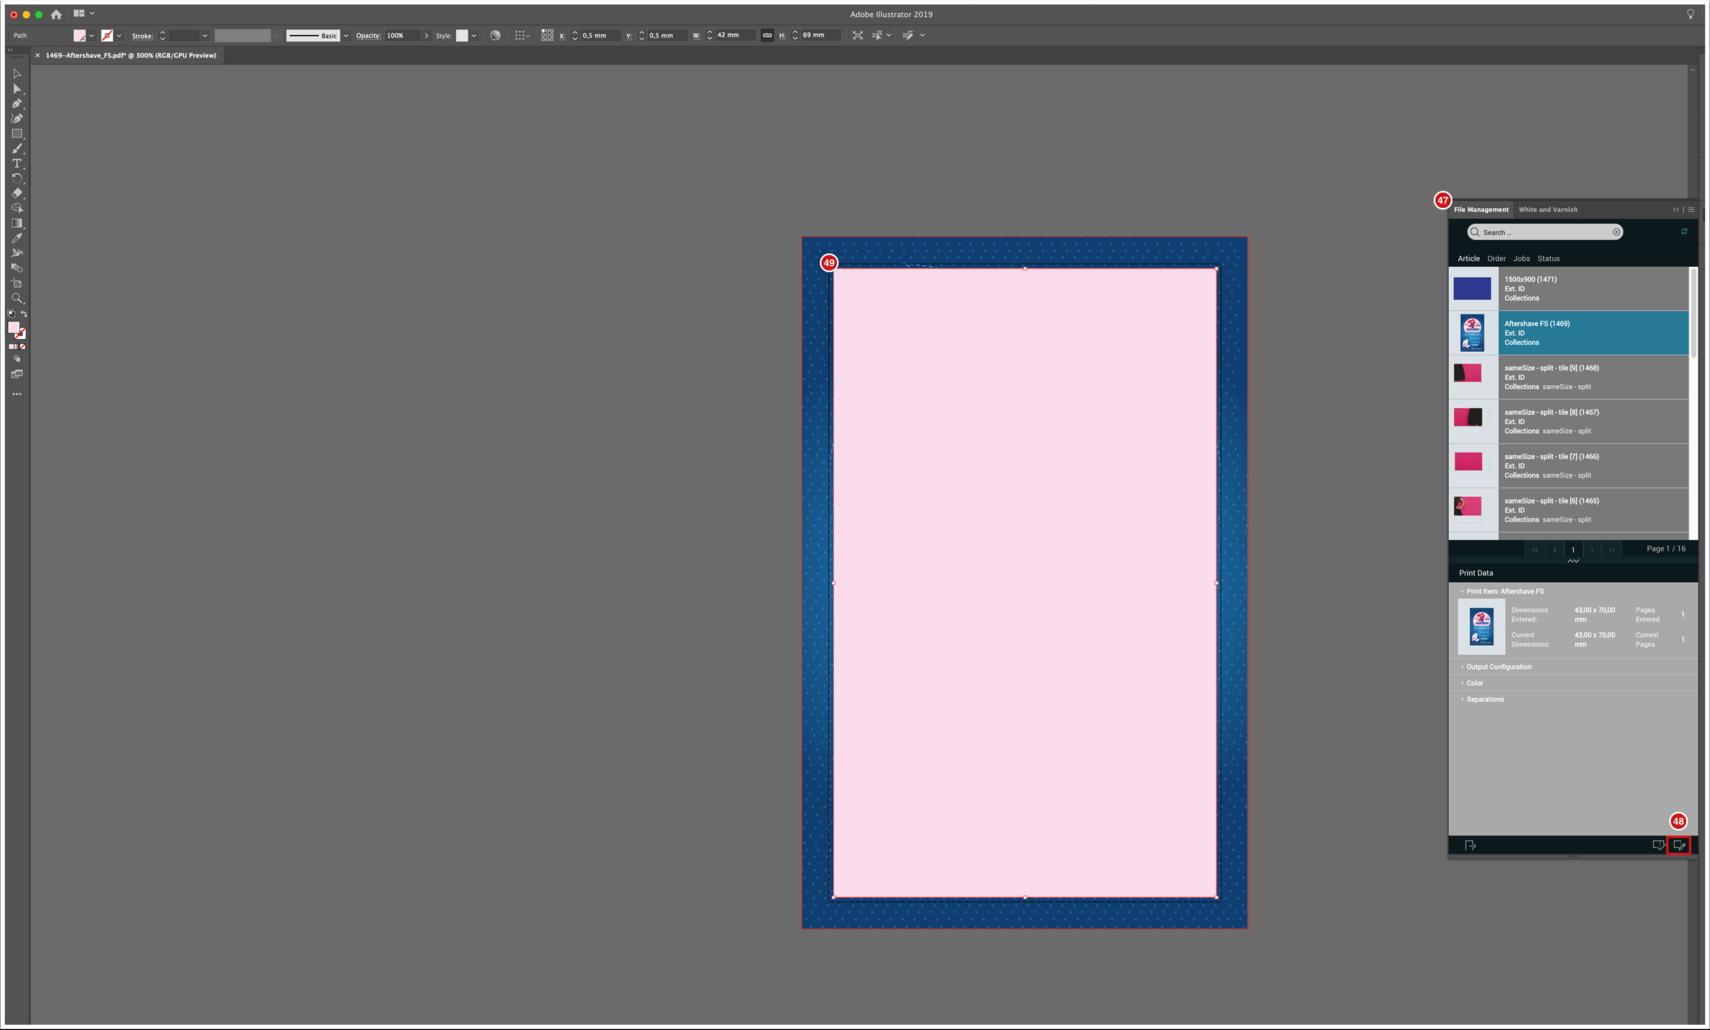 Add White to TrimBox - 1.7.6